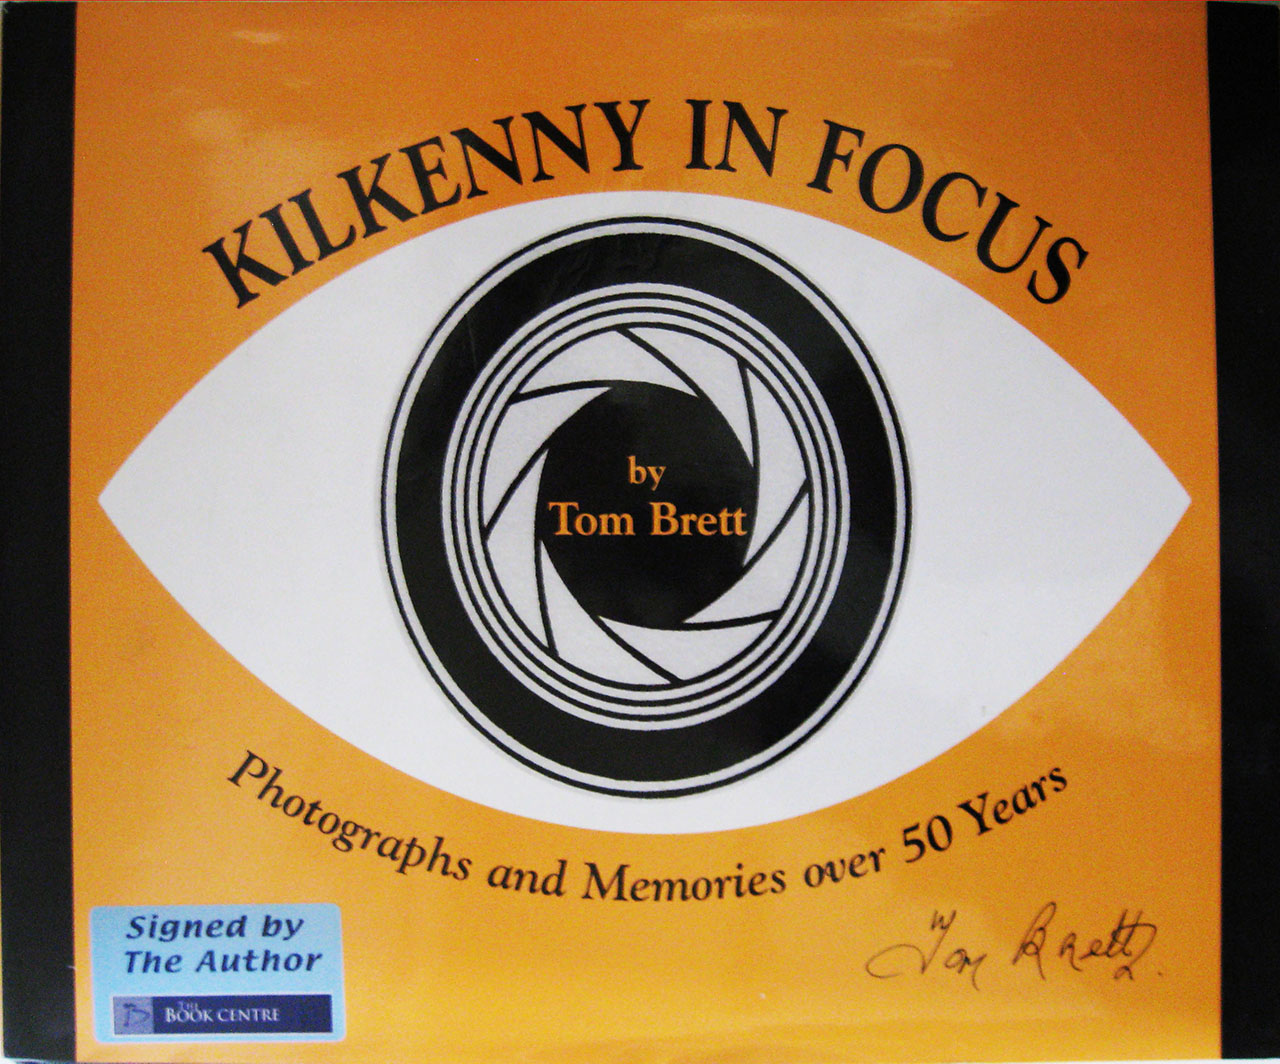 Kilkenny in Focus